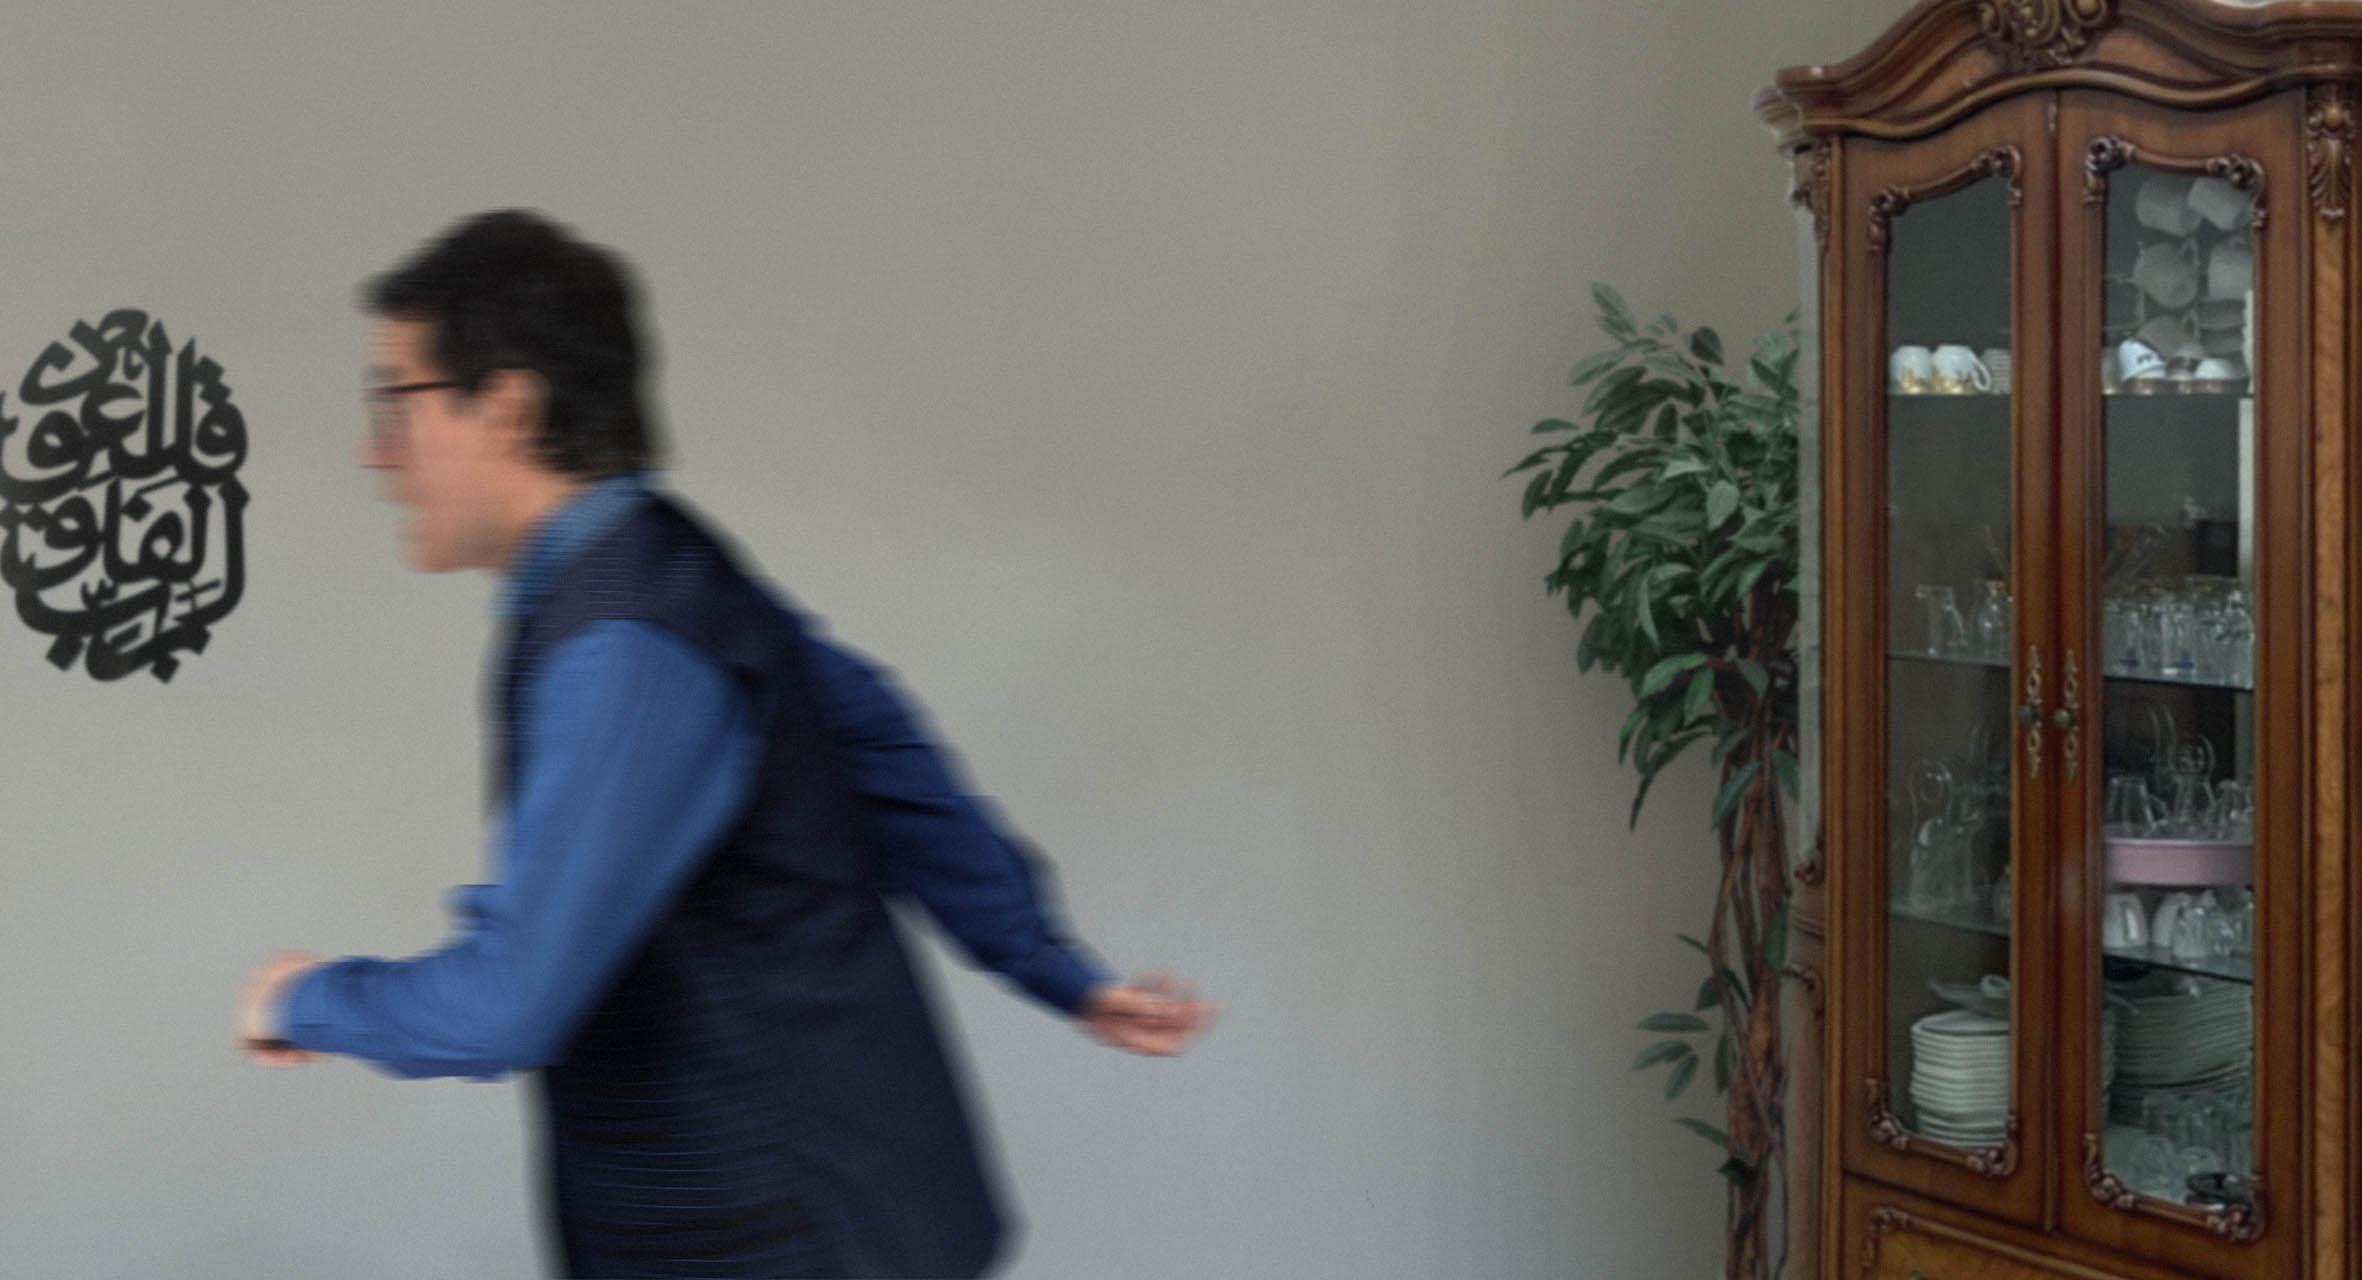 صورة شاب يفر من منزل العائلة ويتقدم بطلب هجرة بعد كسره فنجاناً من الطقم الصيني